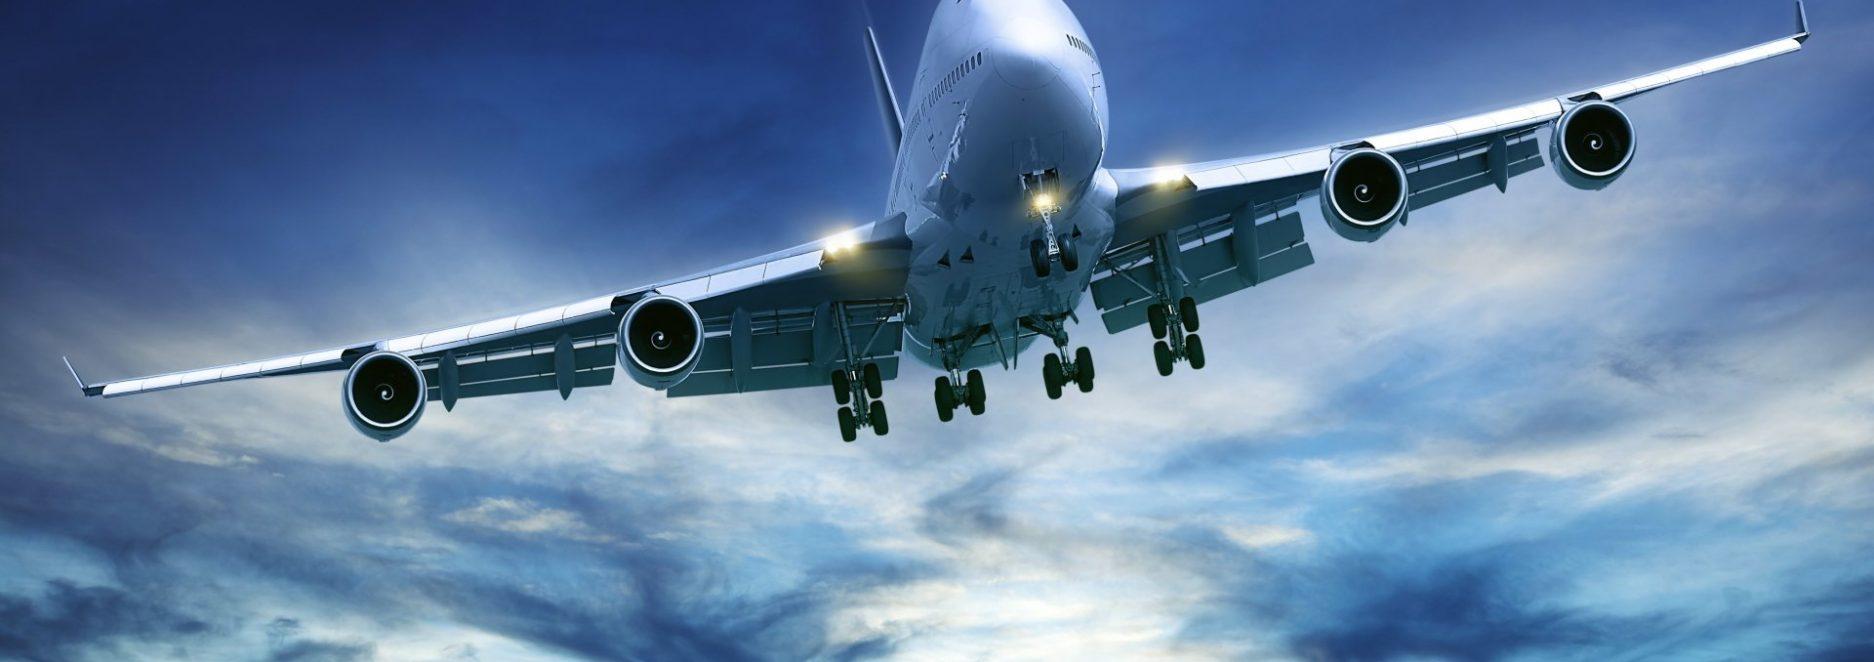 vận tải hàng không giá rẻ